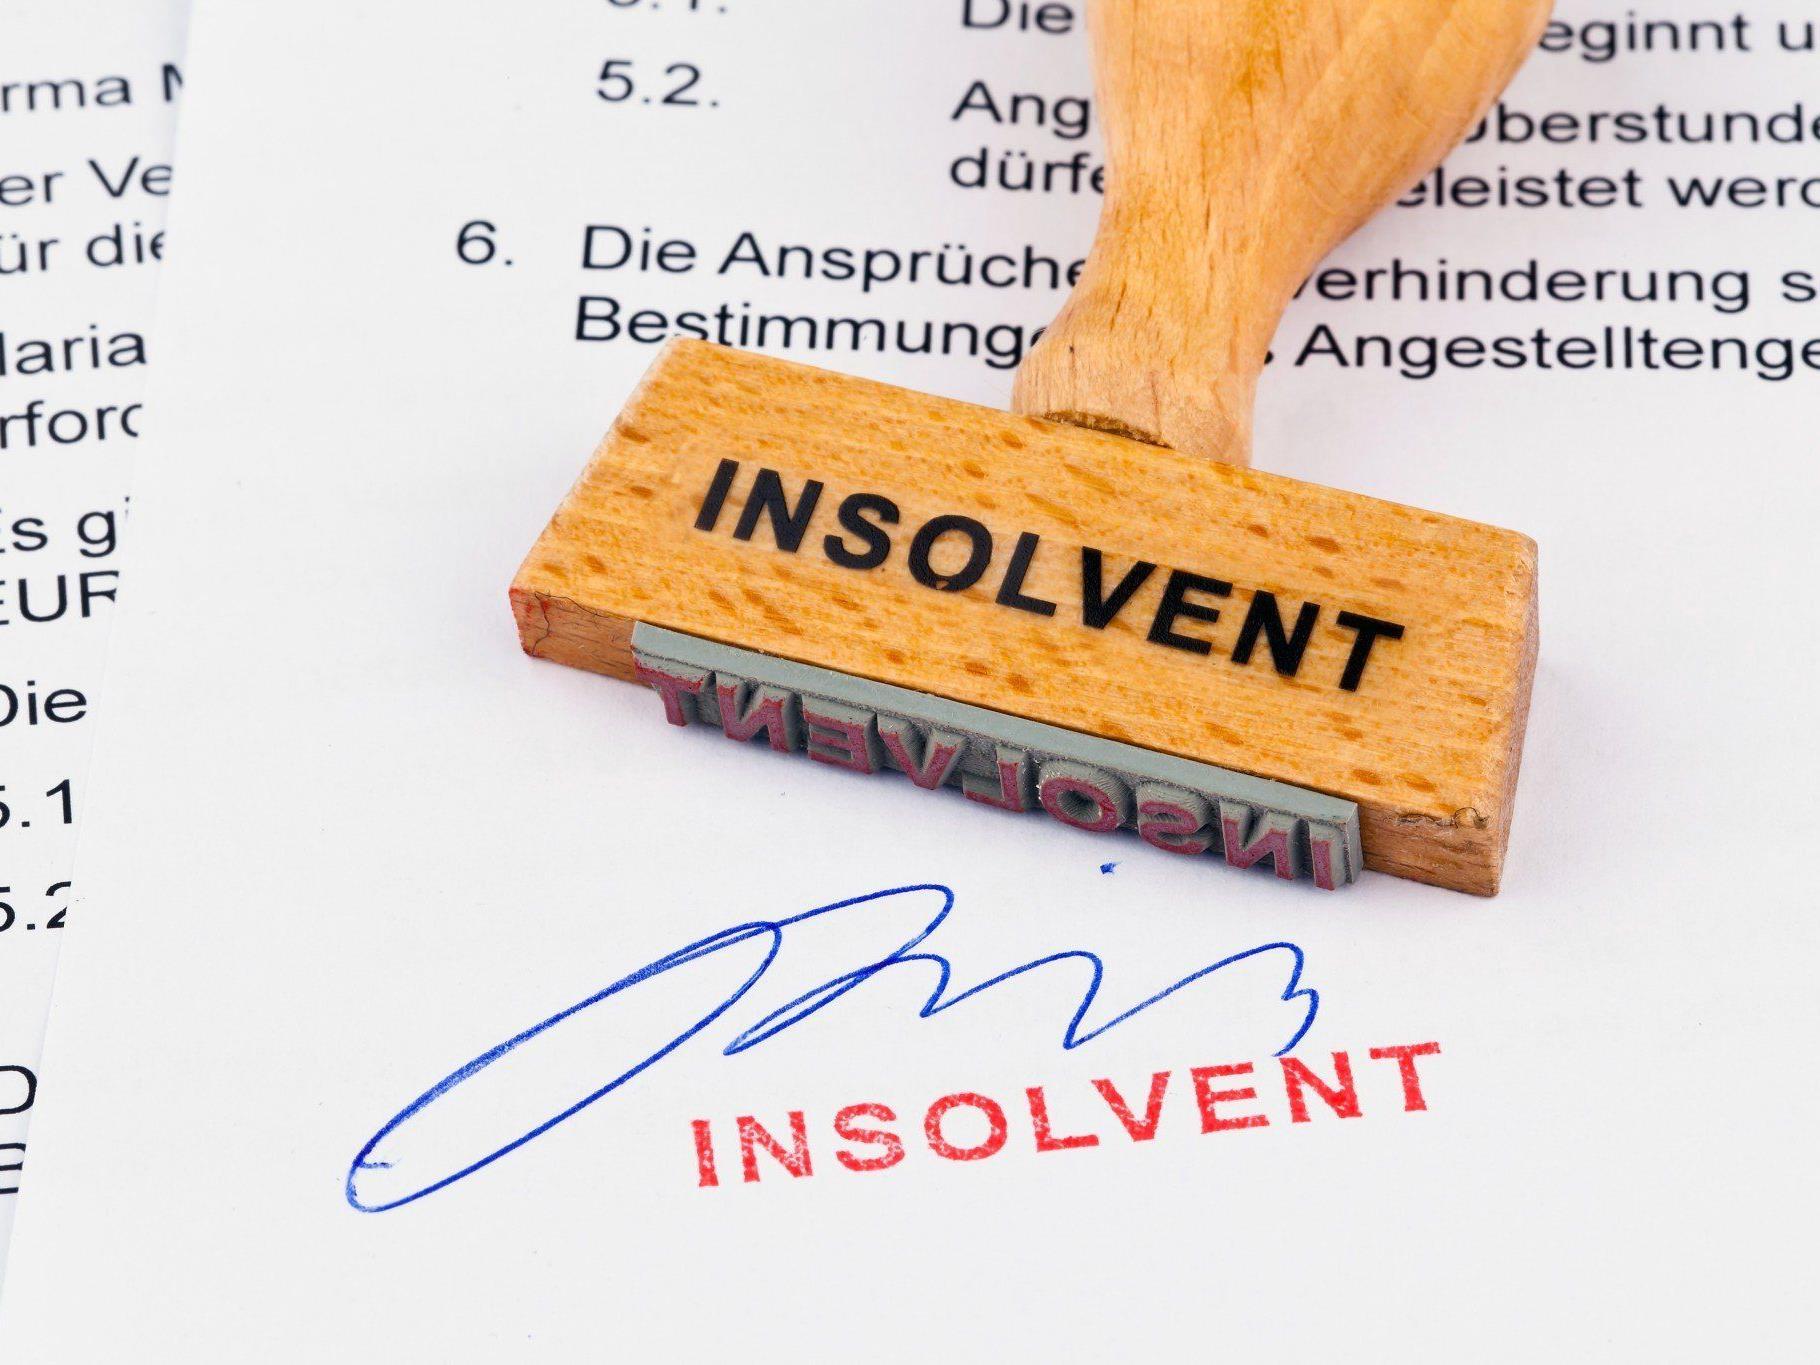 Hollenstein Spenglerei GmbH insolvent.